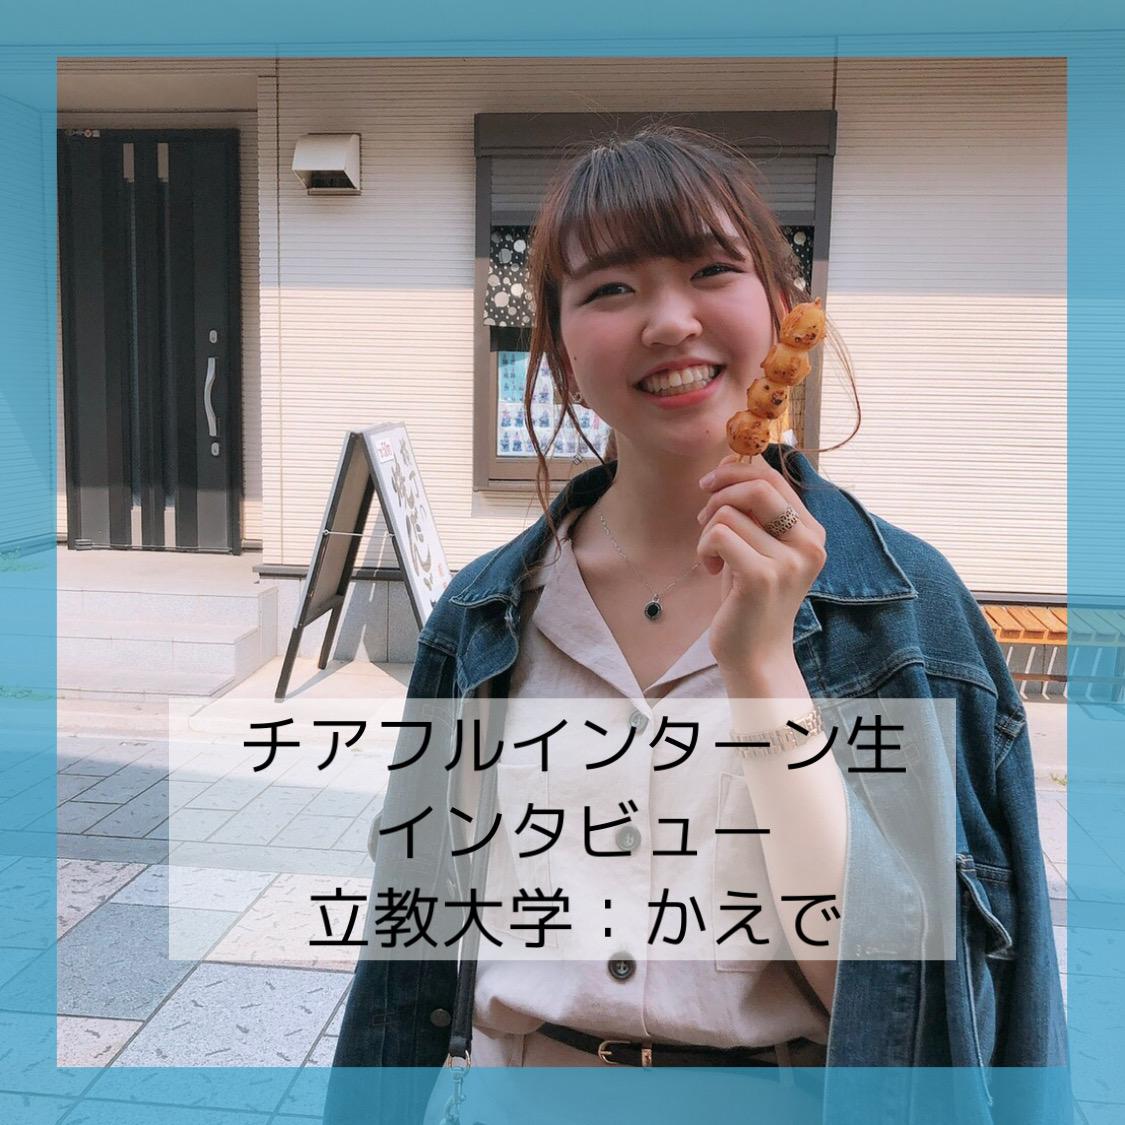 【東京22卒:立教大学】やらない後悔よりやって後悔!